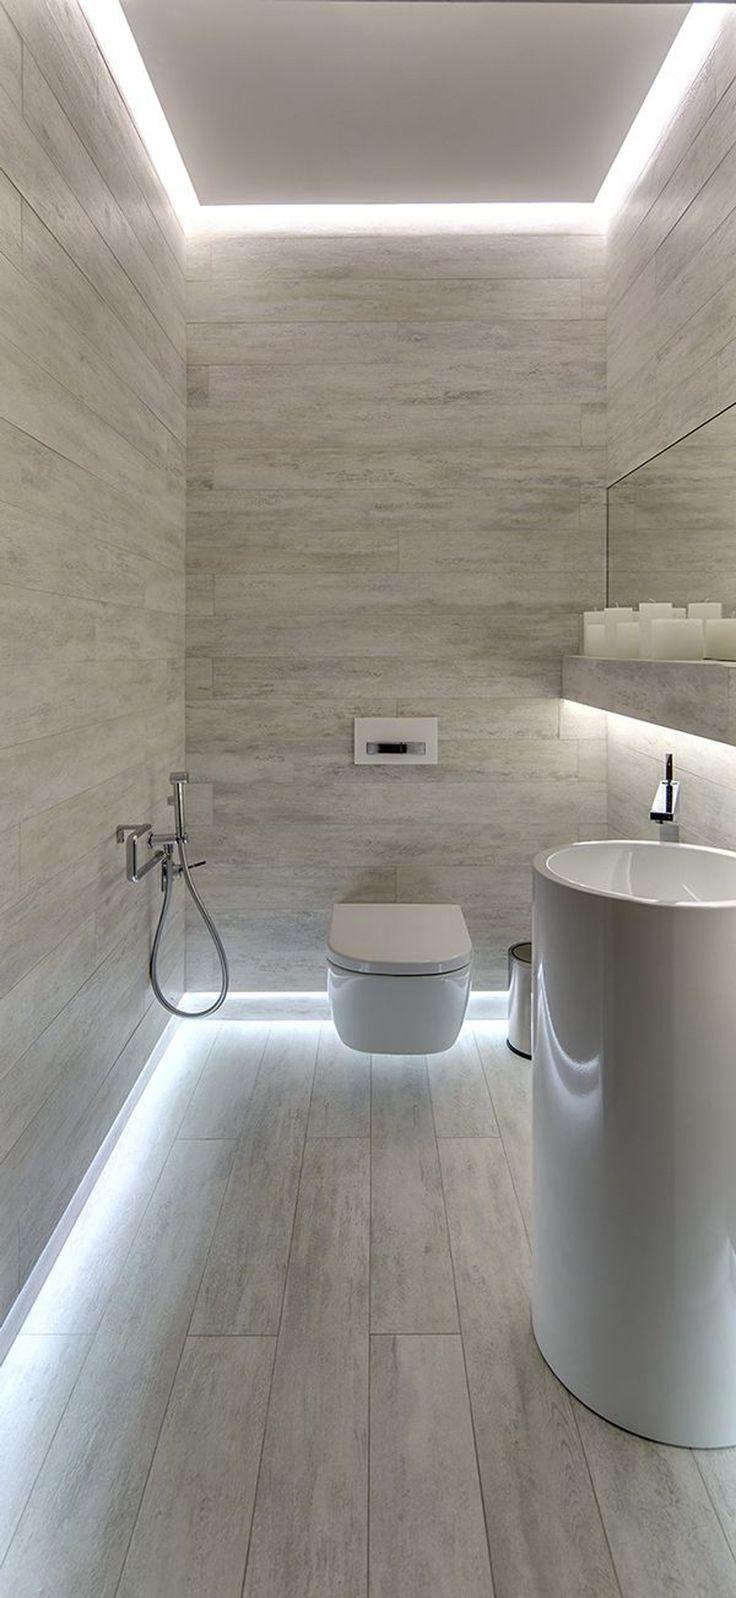 salle de bains avec carrelage beige sable et corniches lumineuses en profilés LED encastrés